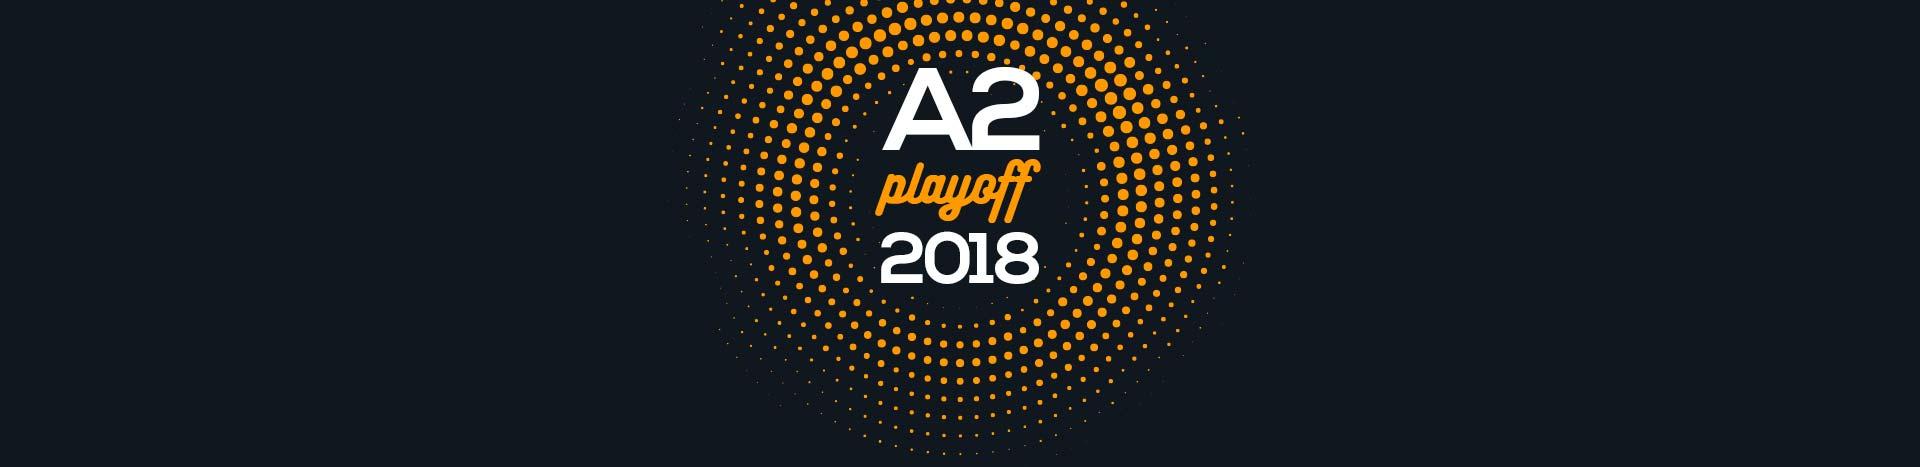 A2 Playoff 2018 Ottavi – Il tabellone e i risultati dei match di Gara2